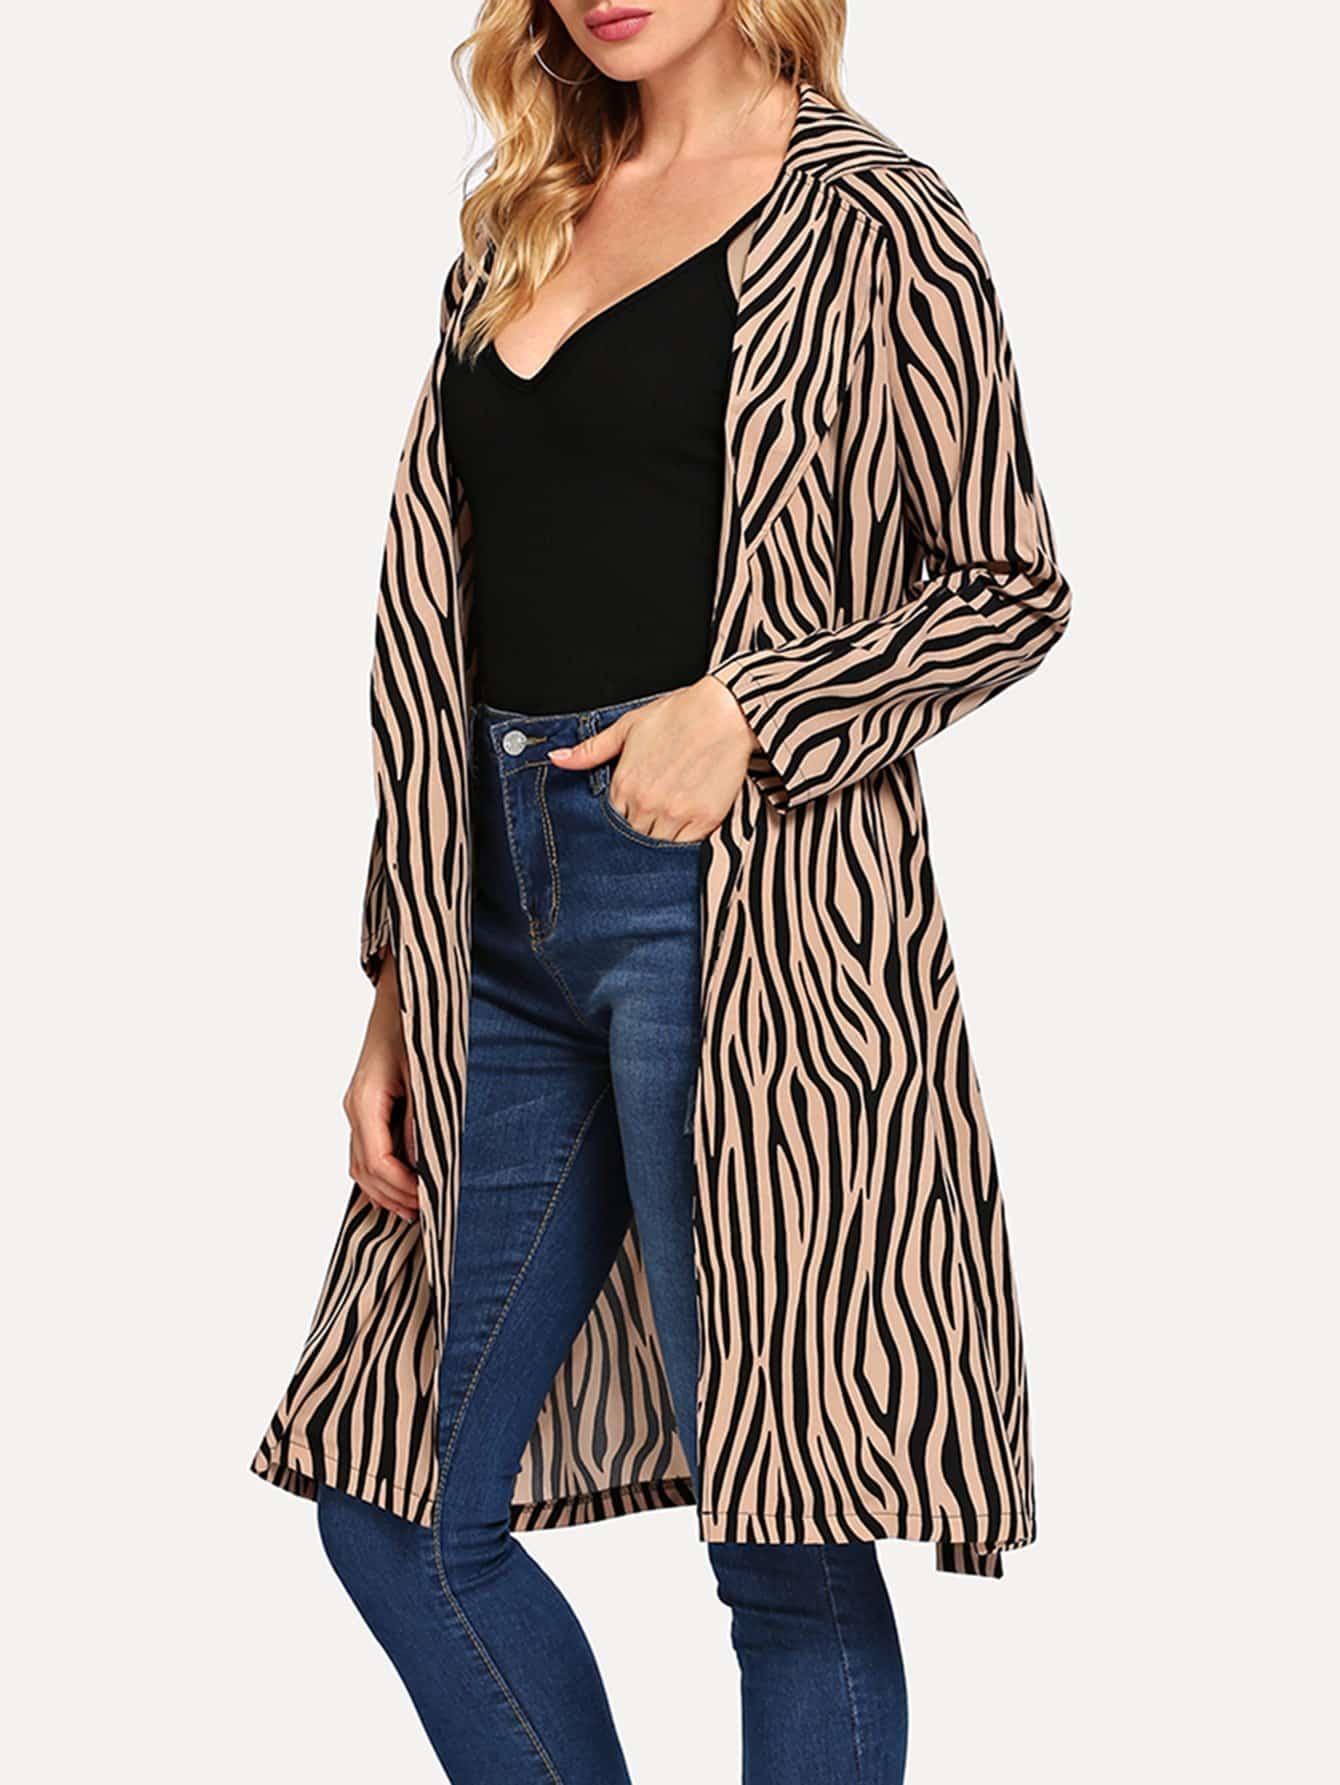 Купить Пальто с принтом зебры, Masha, SheIn